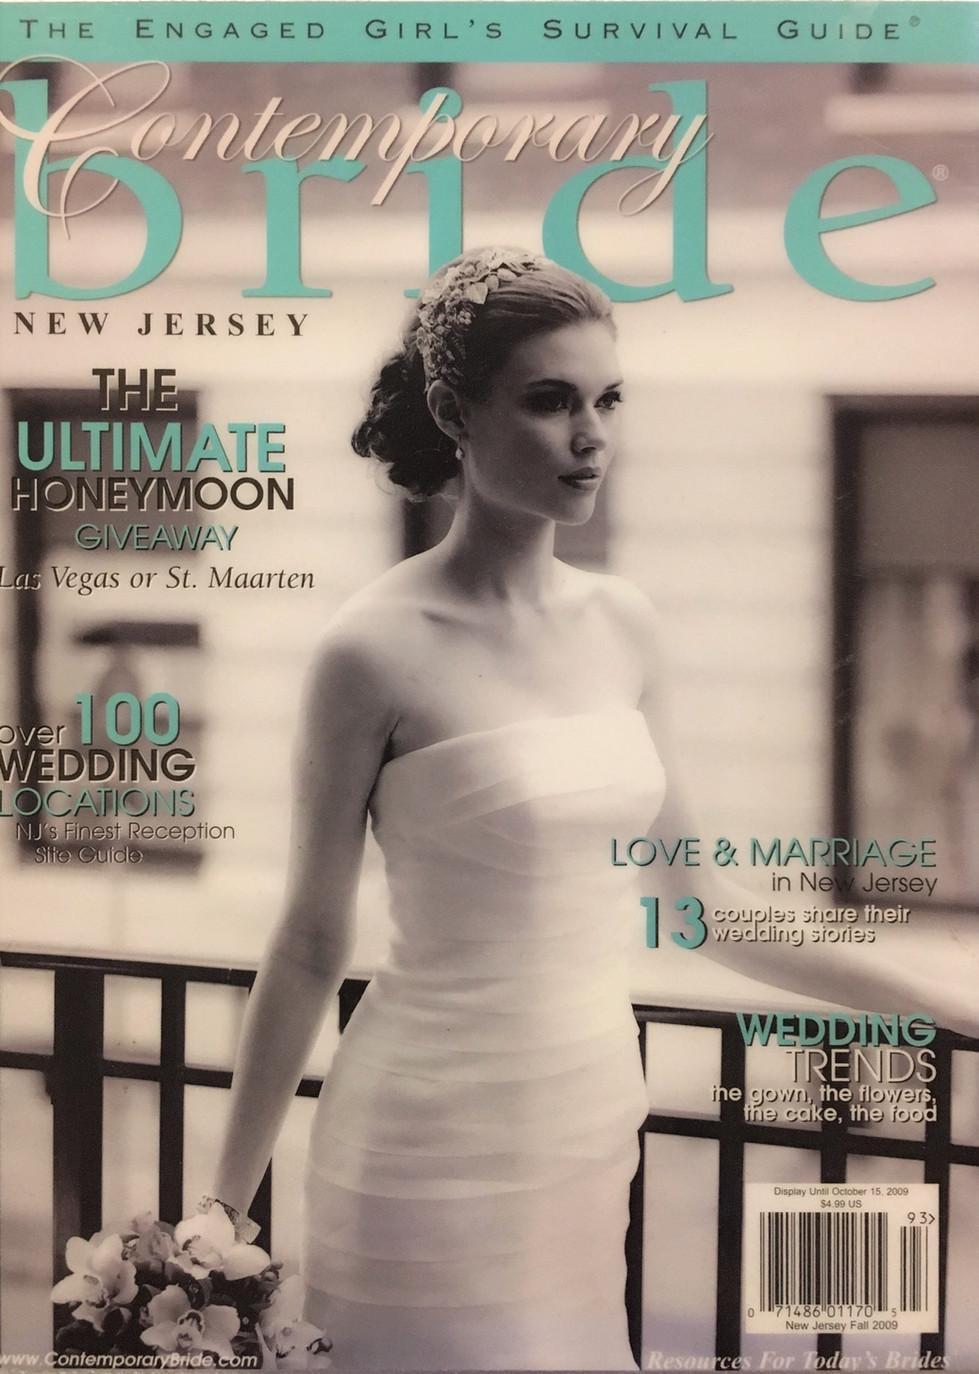 Contemporary Bride - Fall/Winter 2009